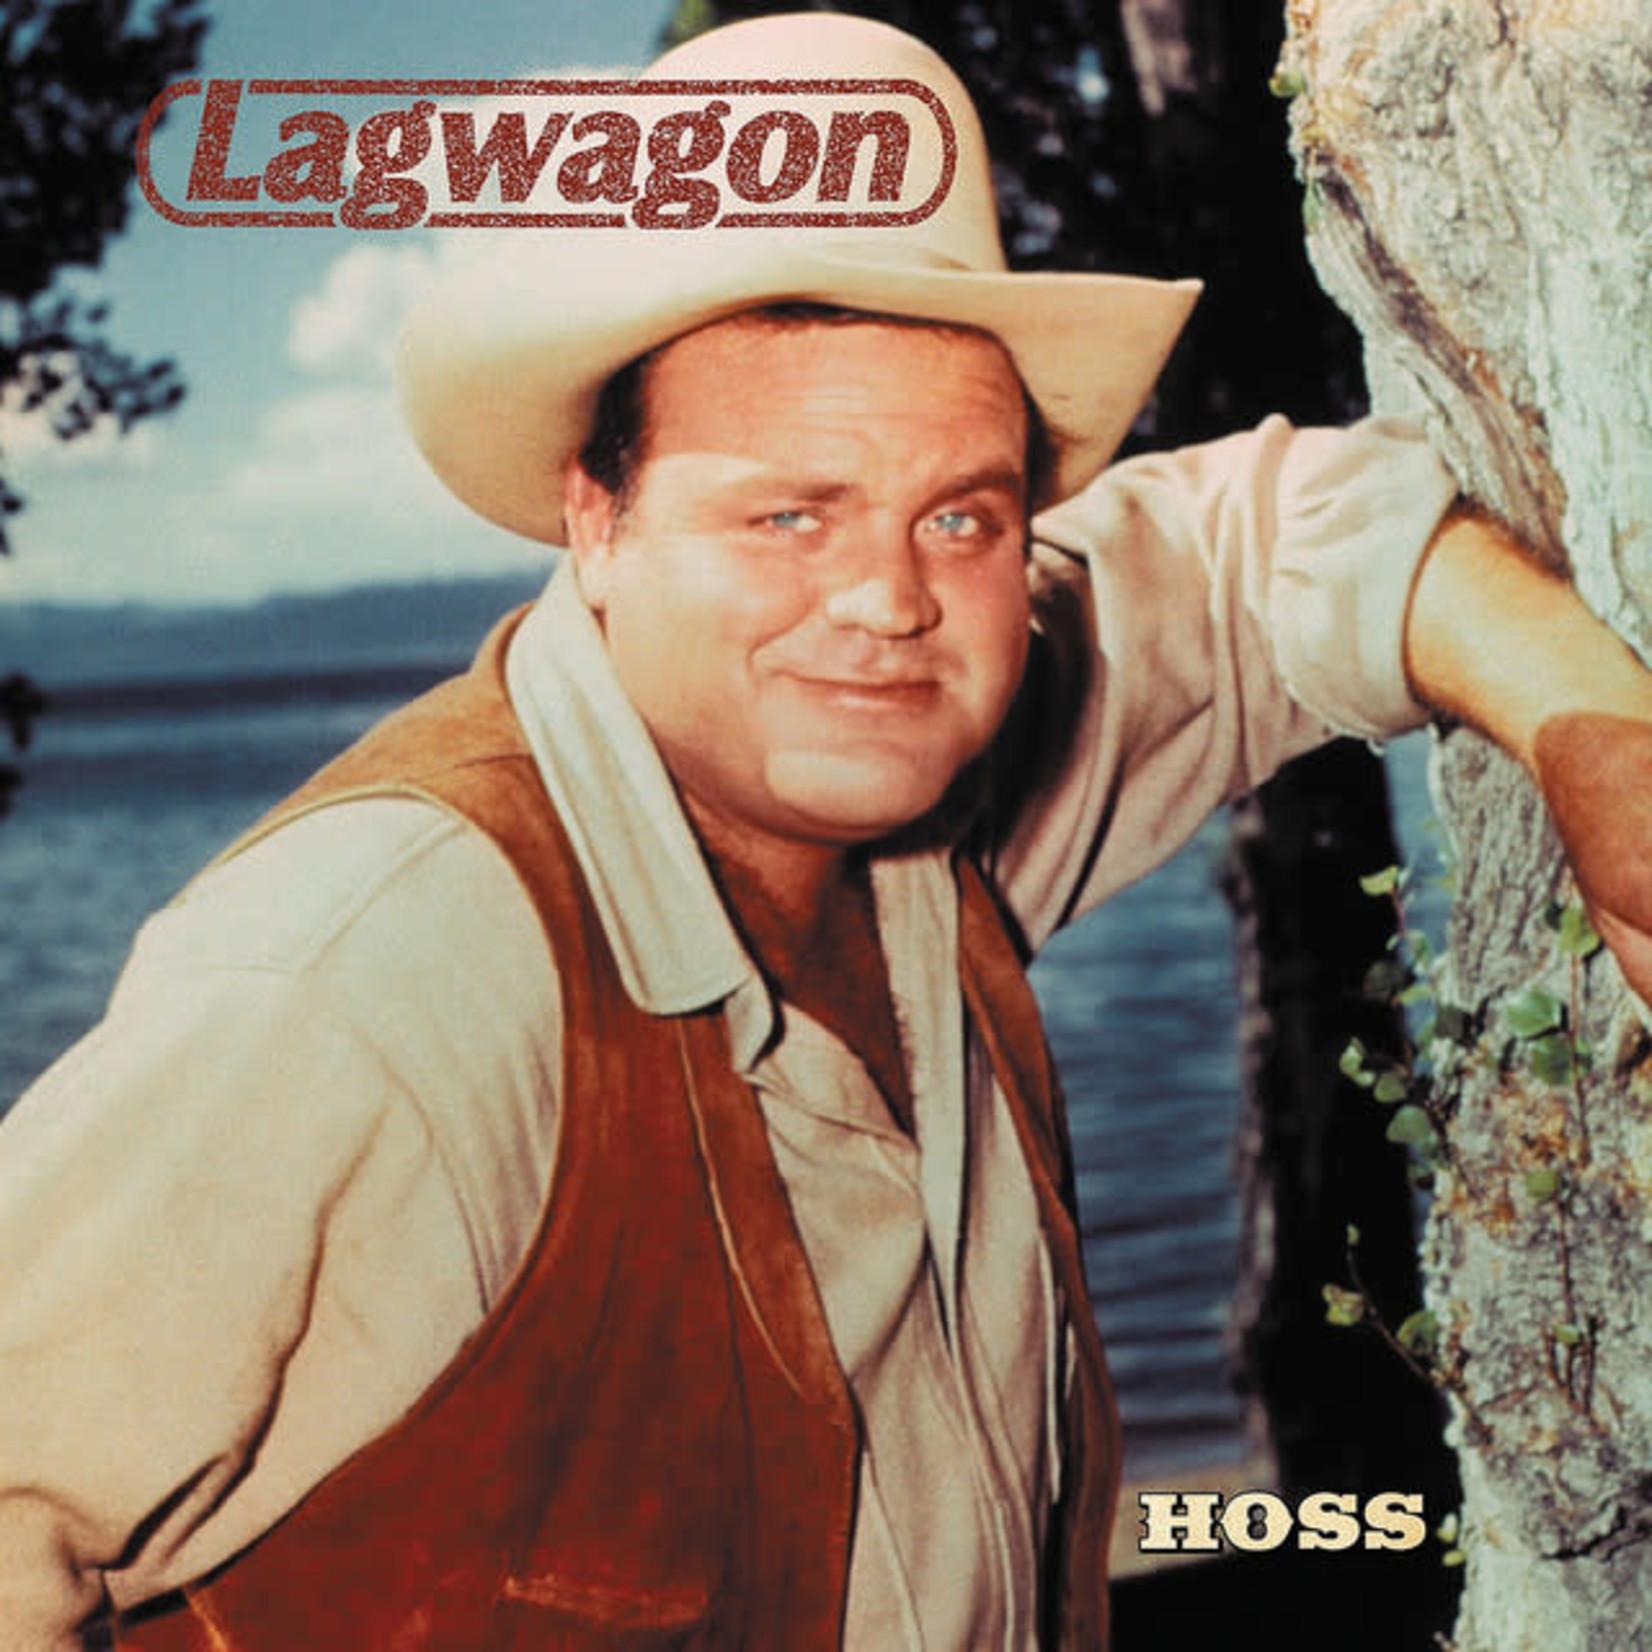 Vinyl Lagwagon - Hoss